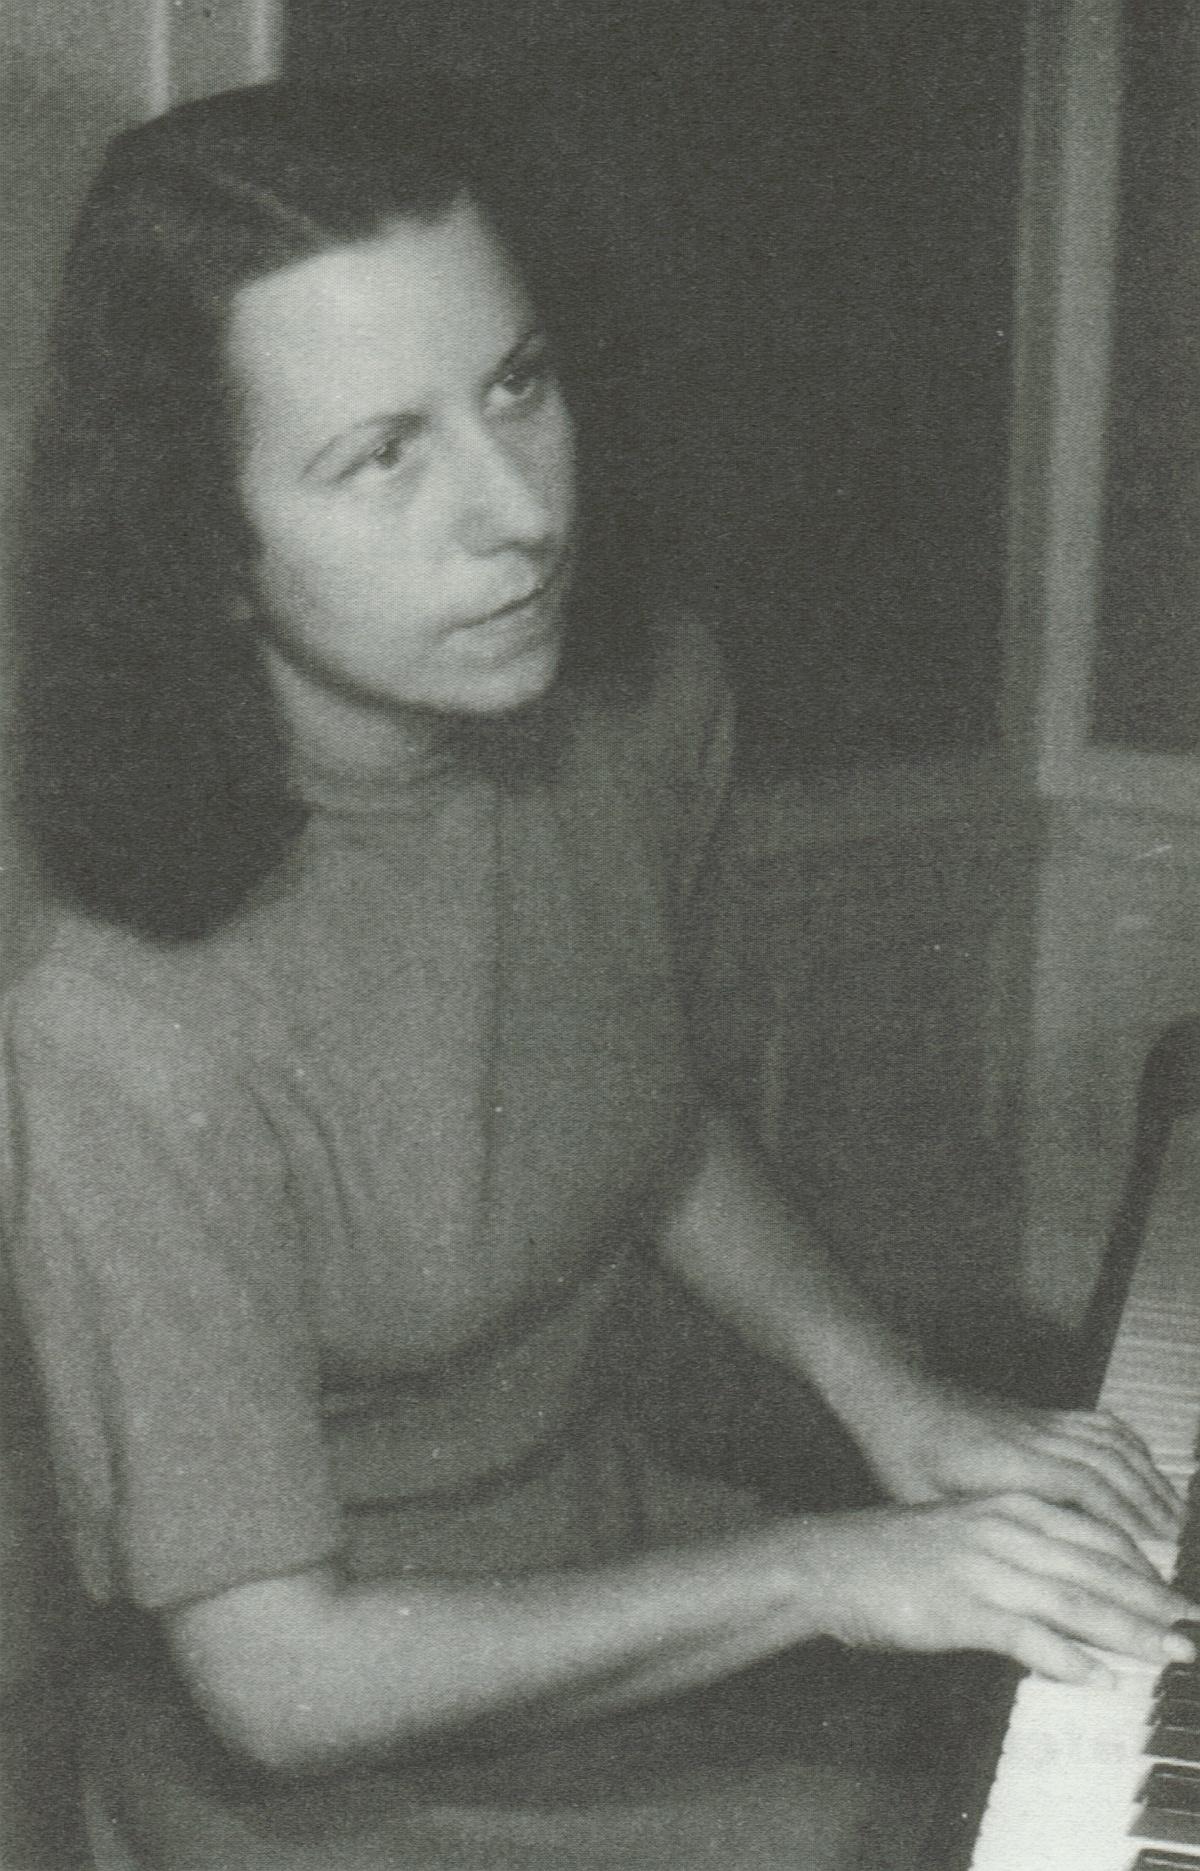 Maria Bergmann en 1946, une photo citée du livre «Ein Leben für Musik und Funk - Maria Bergmann erinnert sich» [Hrsg. von Ingeborg Schatz], Potsdam, Verlag für Berlin-Brandenburg, page 66 de la 2e édition de 1998, cliquer pour une vue agrandie et plus d'infos